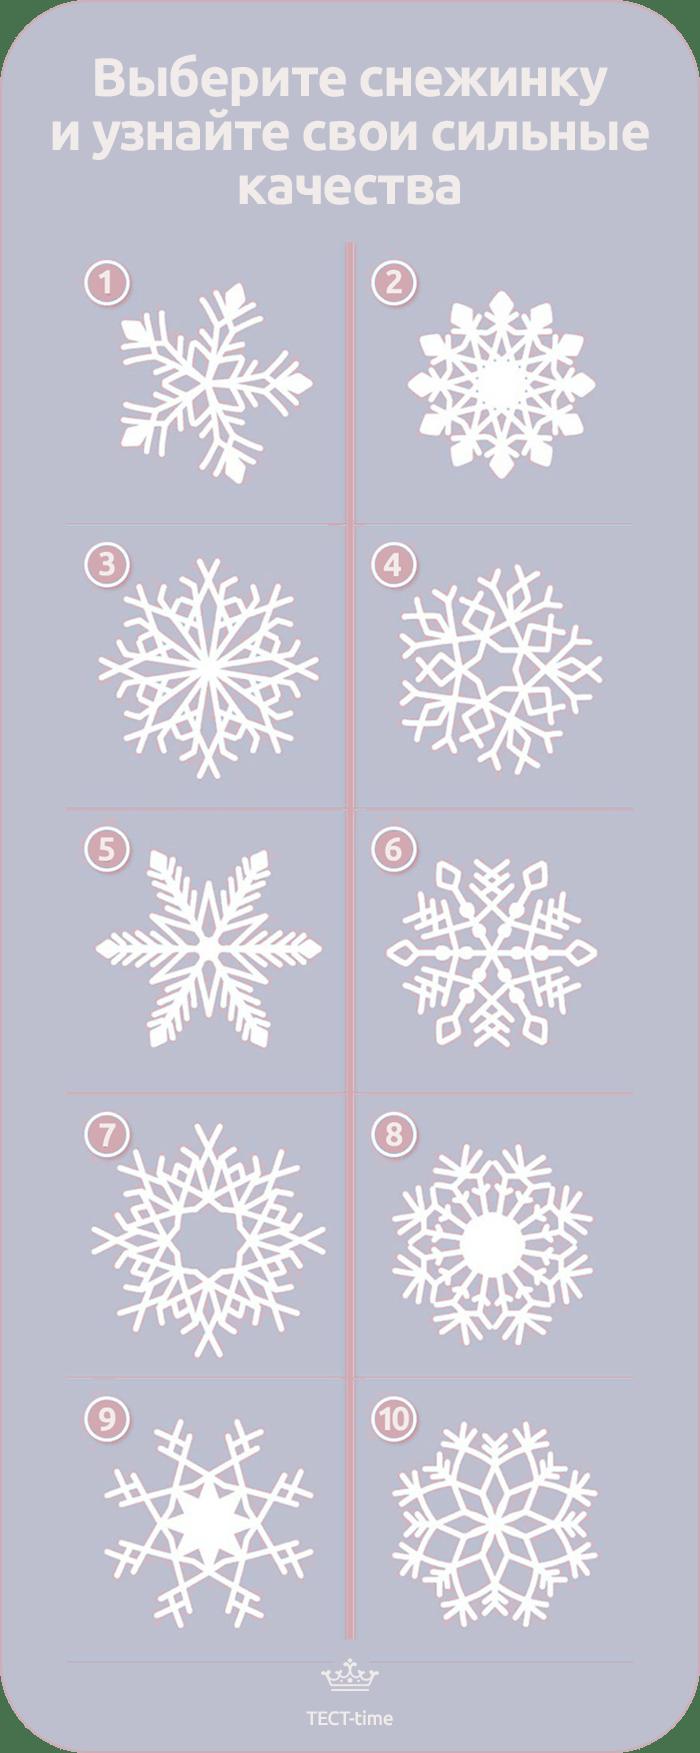 тест снежинка